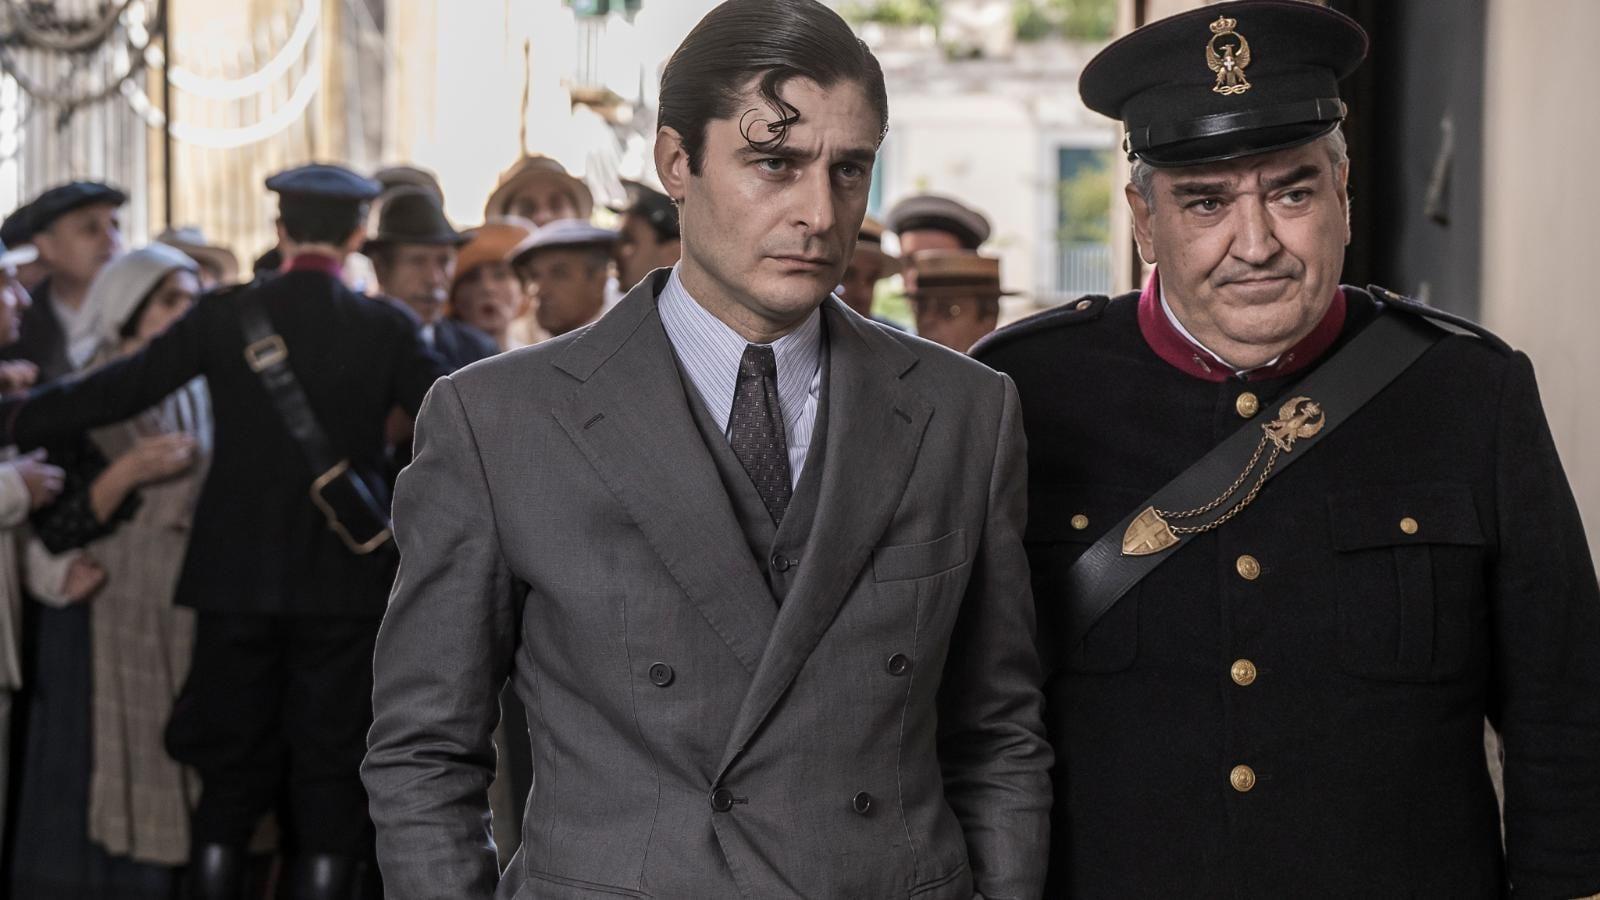 Il Commissario Ricciardi |  le anticipazioni dell' ultima puntata